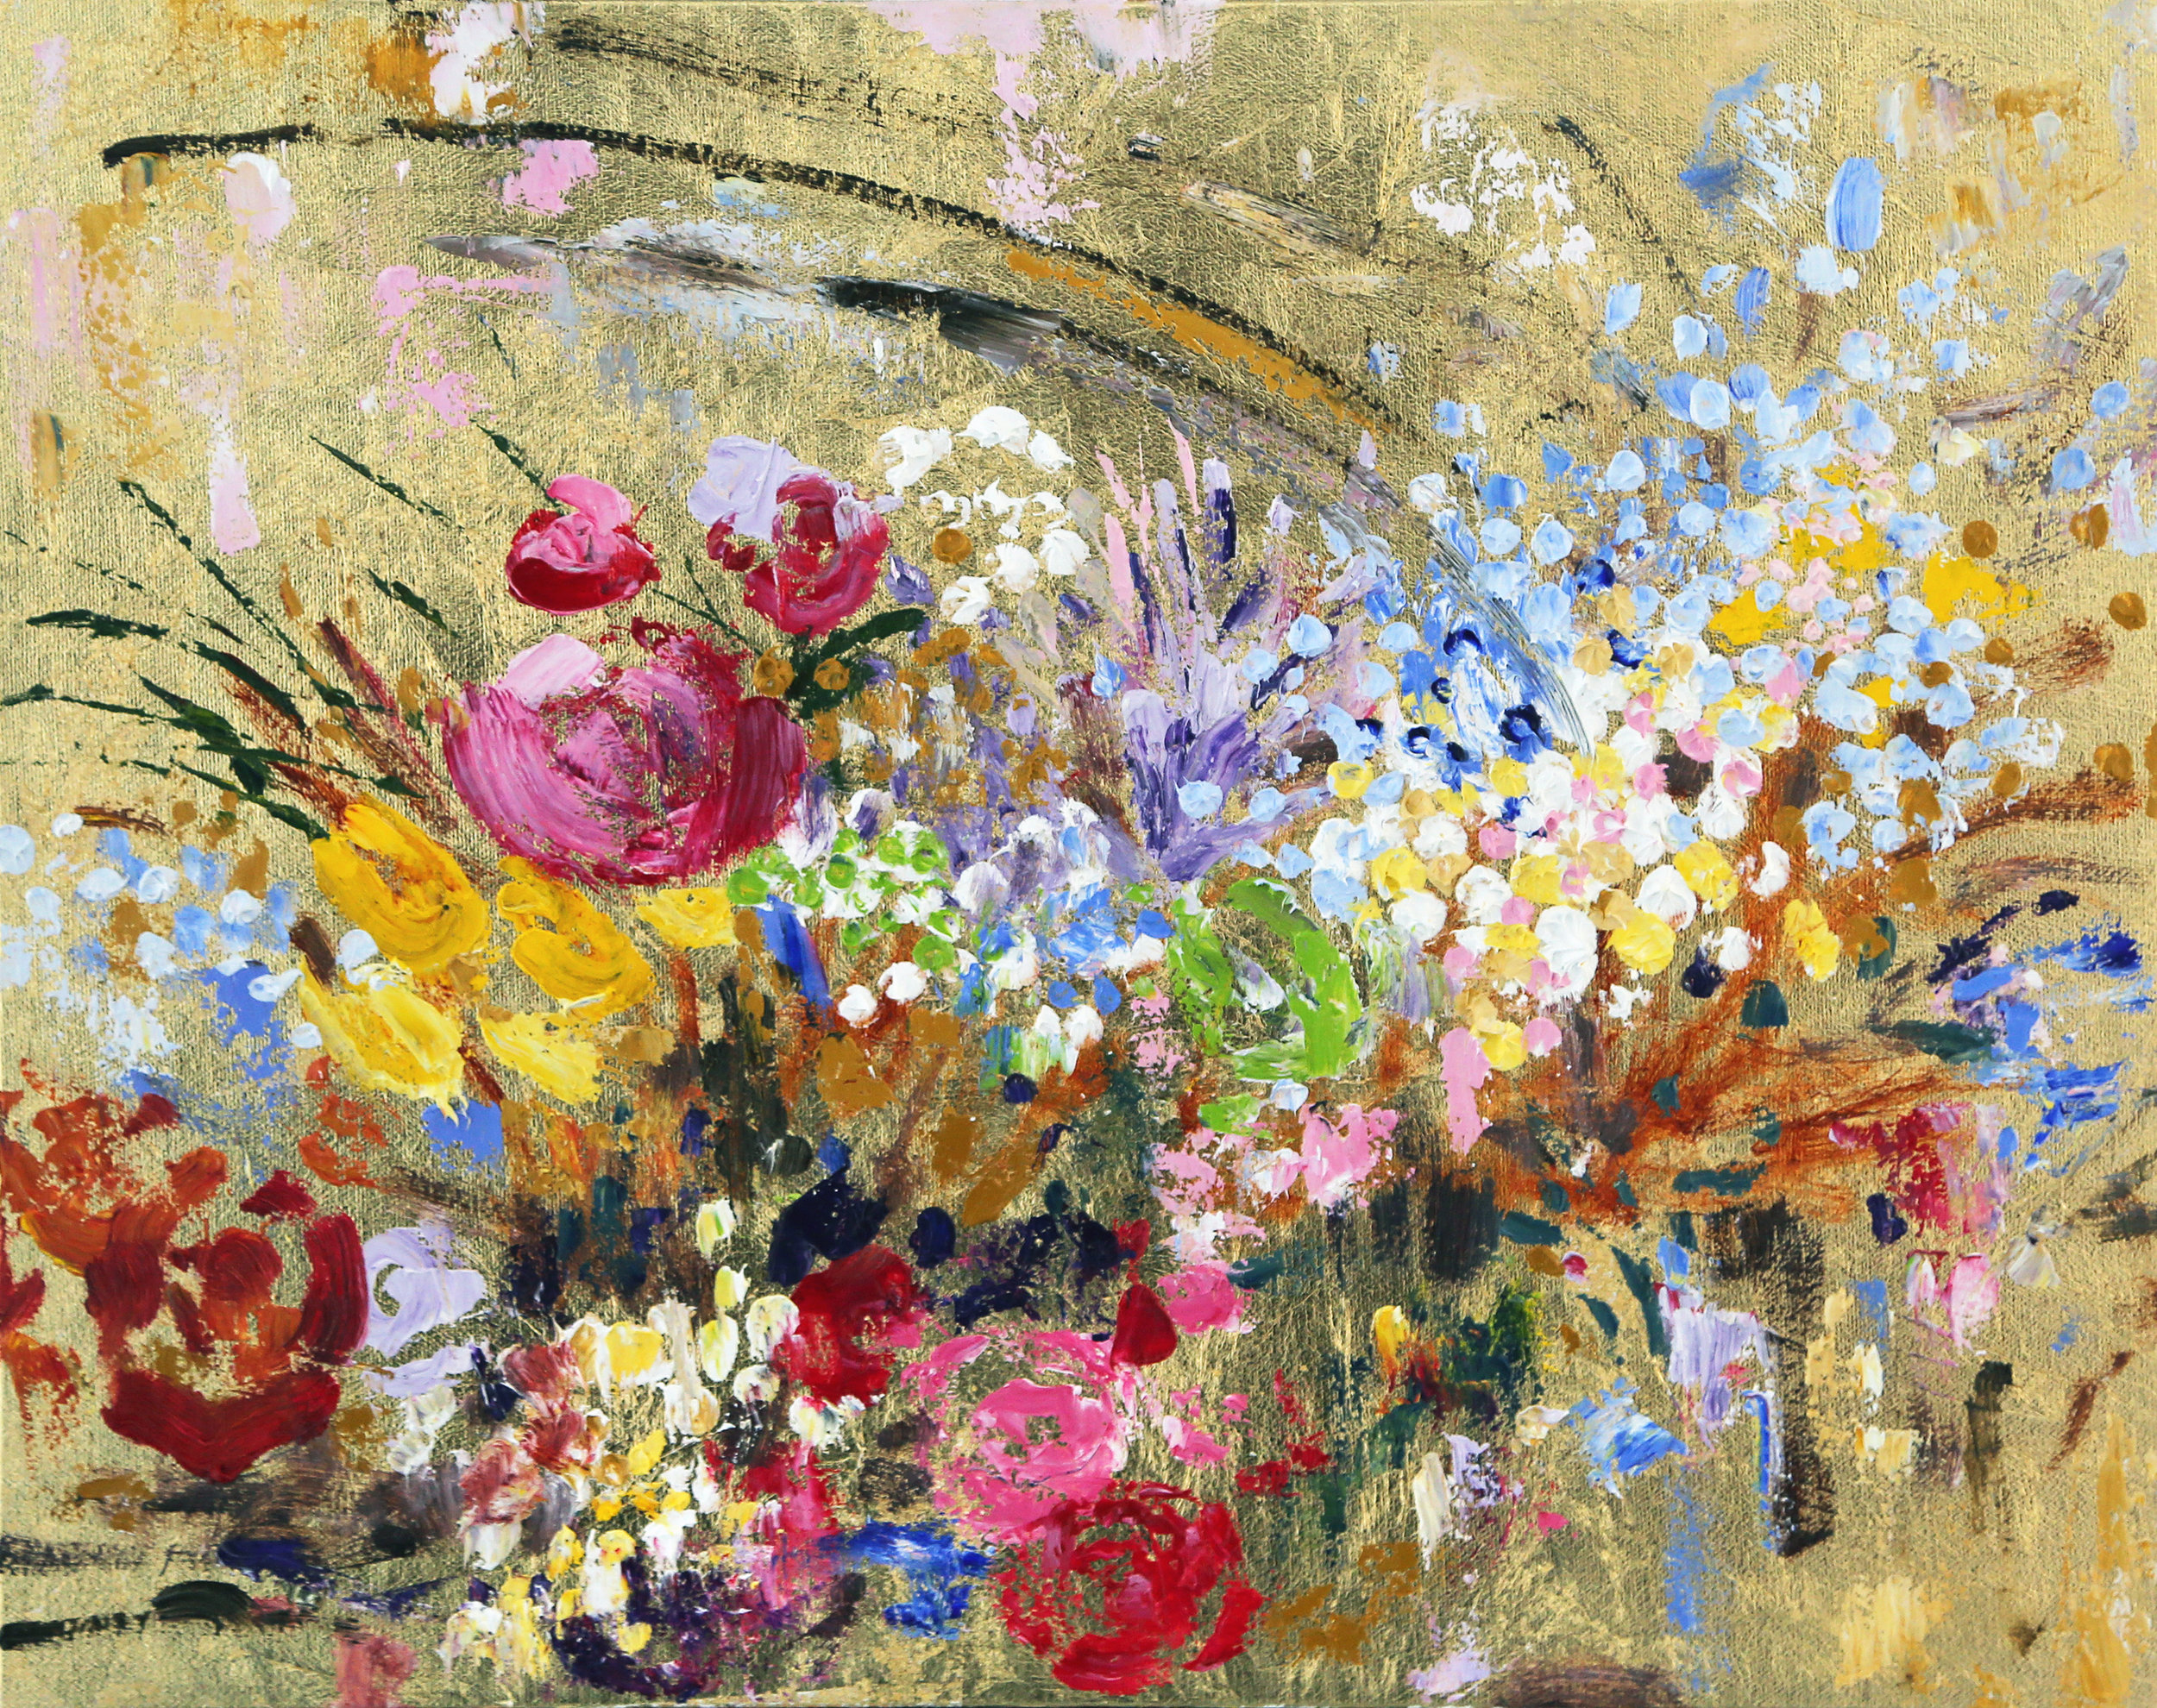 Flowering*#16 x 20 in.